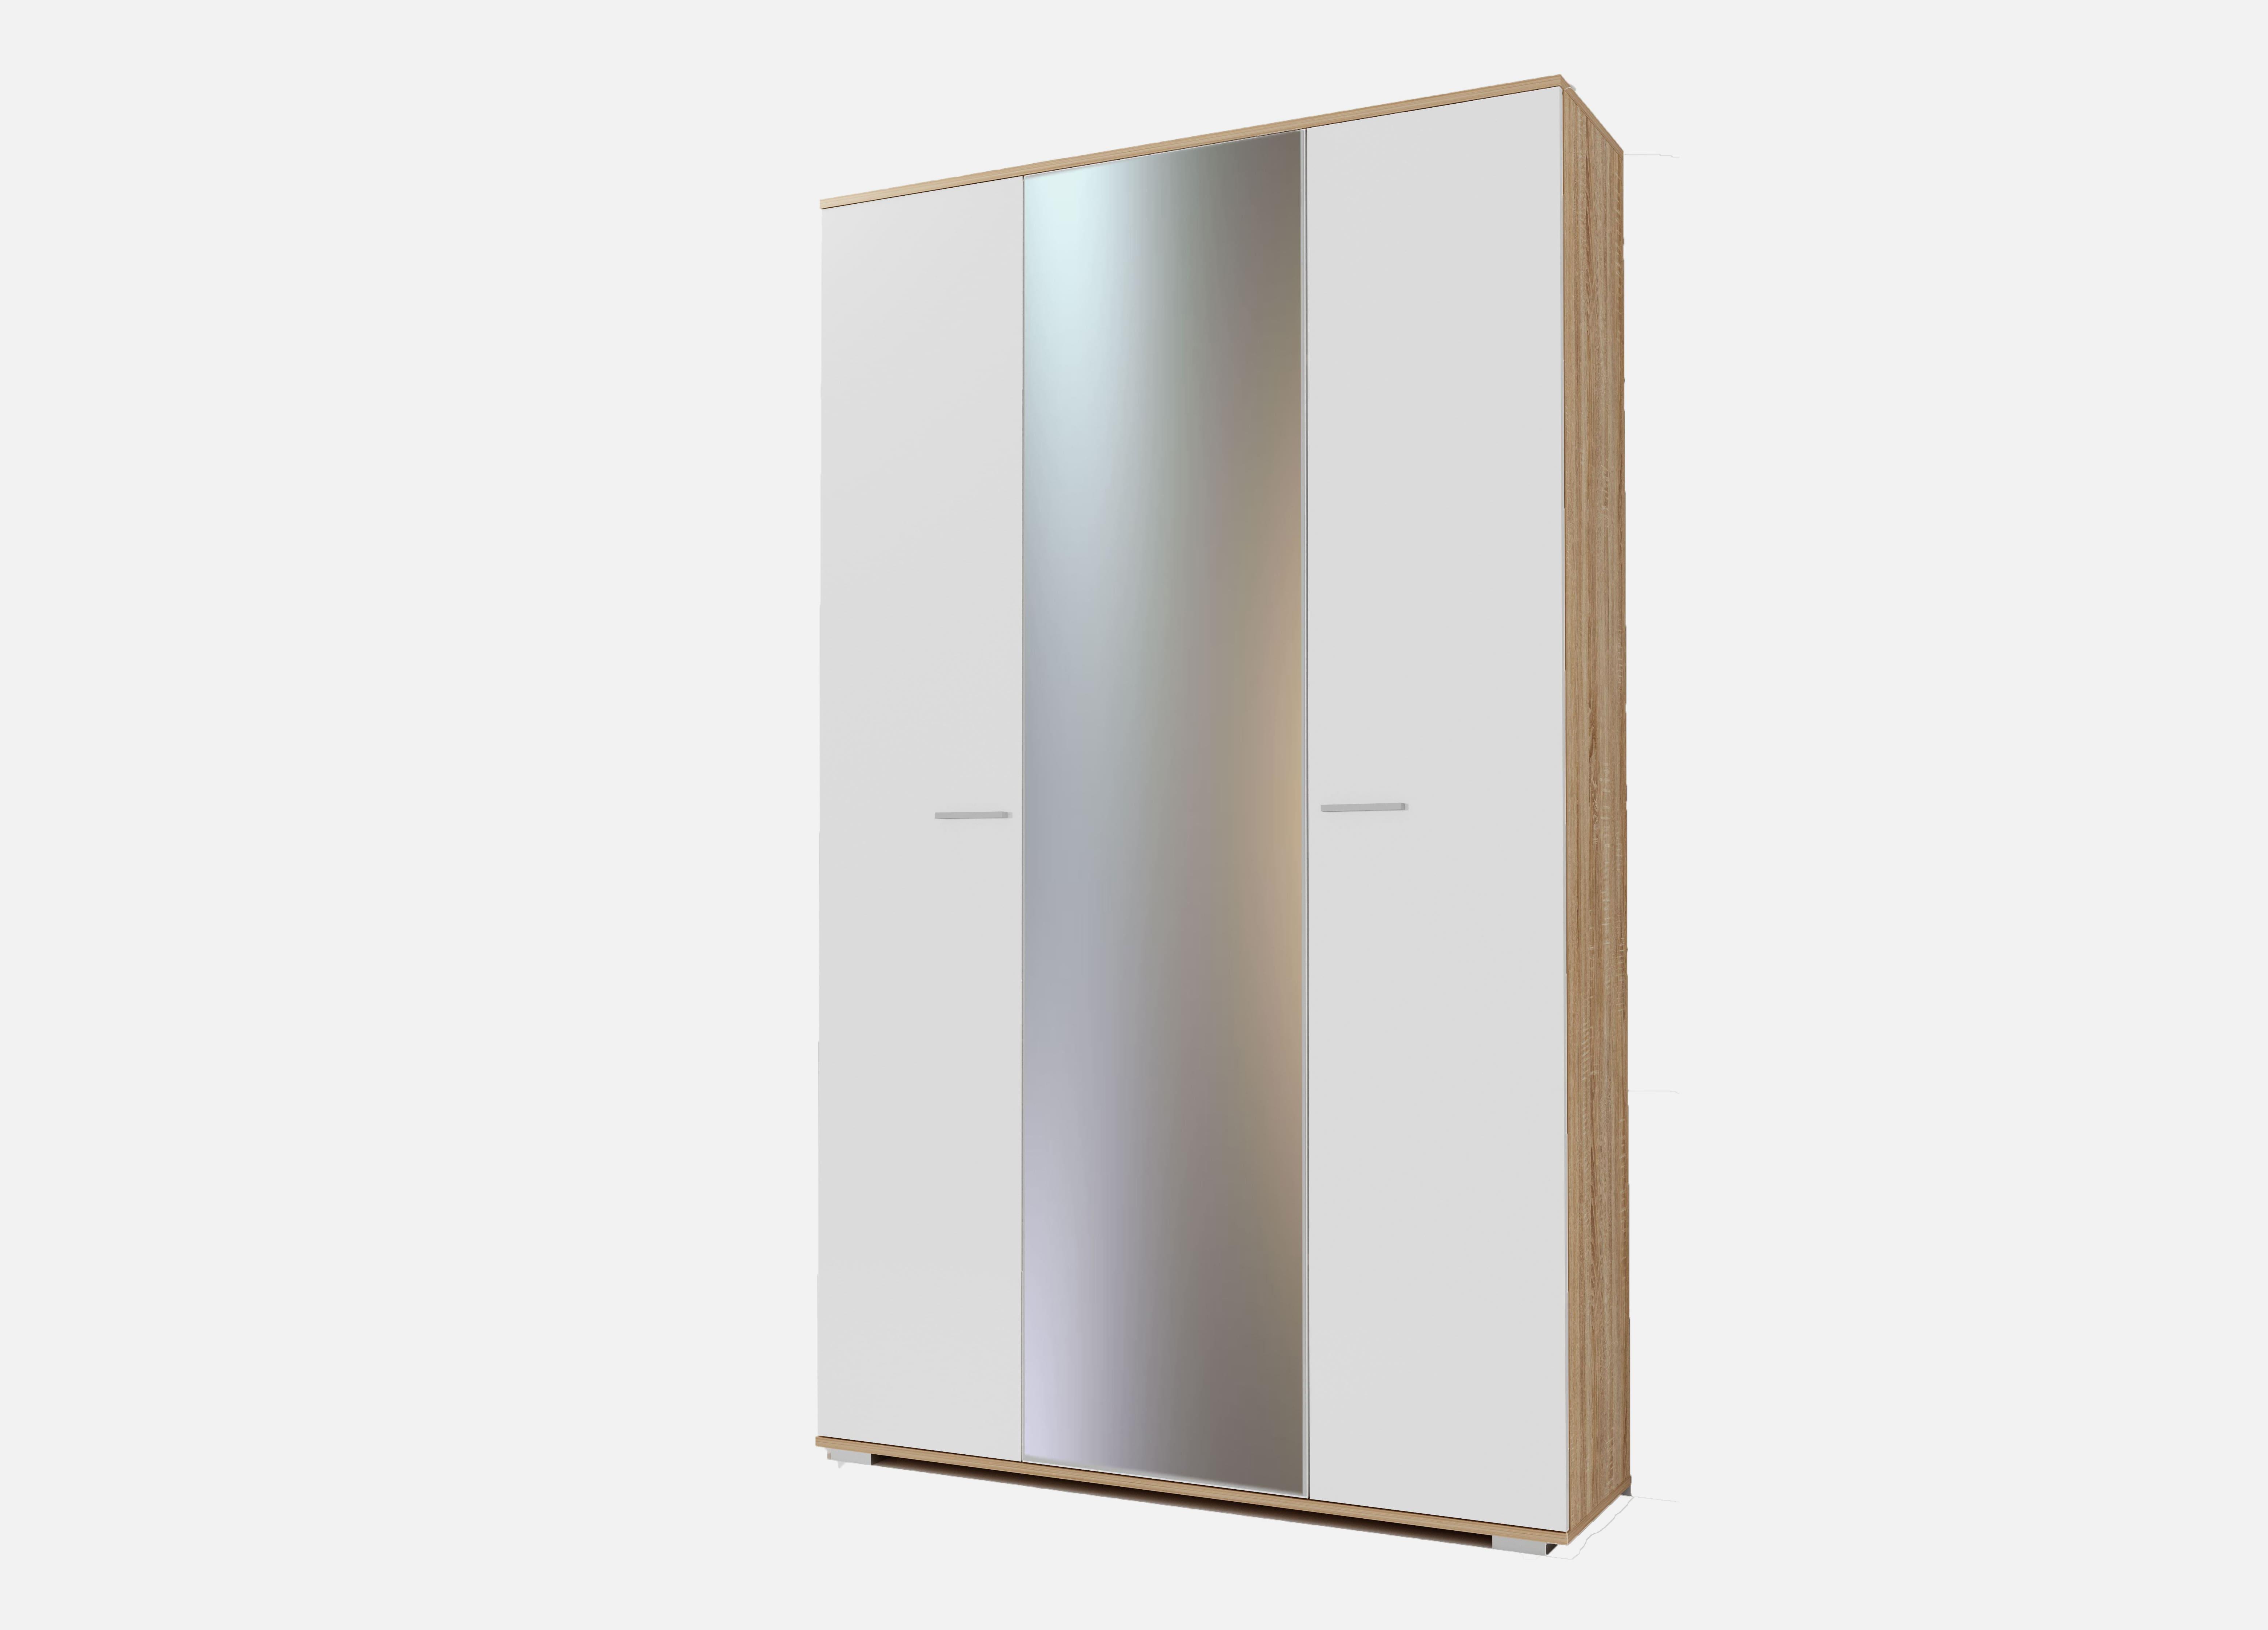 Шкаф с зеркалом Италия ШК-1300